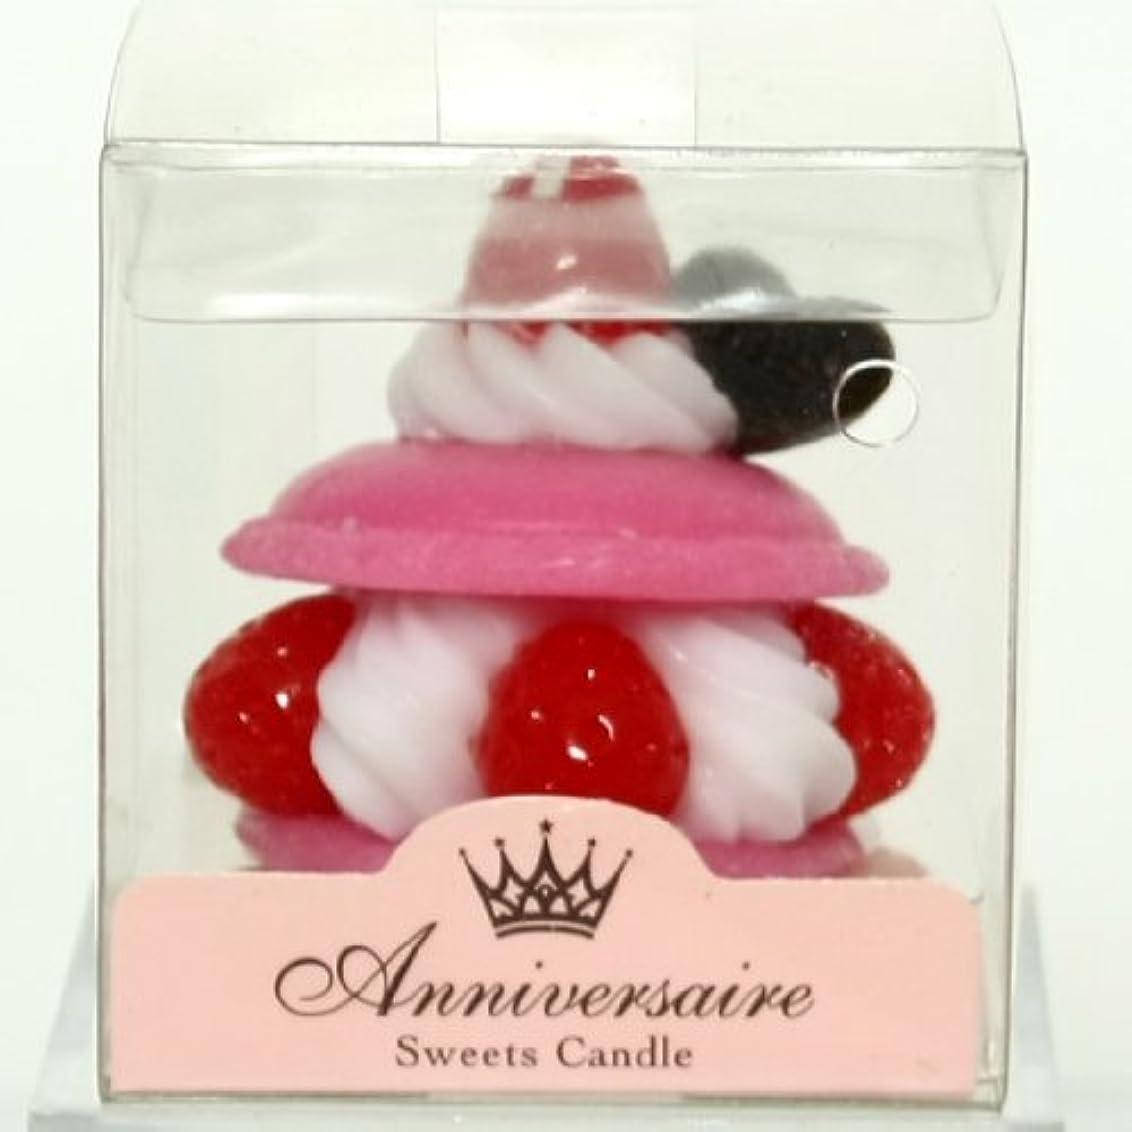 聡明民主党生態学sweets candle(スイーツキャンドル) マカロンケーキキャンドル【ピンク】(ba6580500pk)